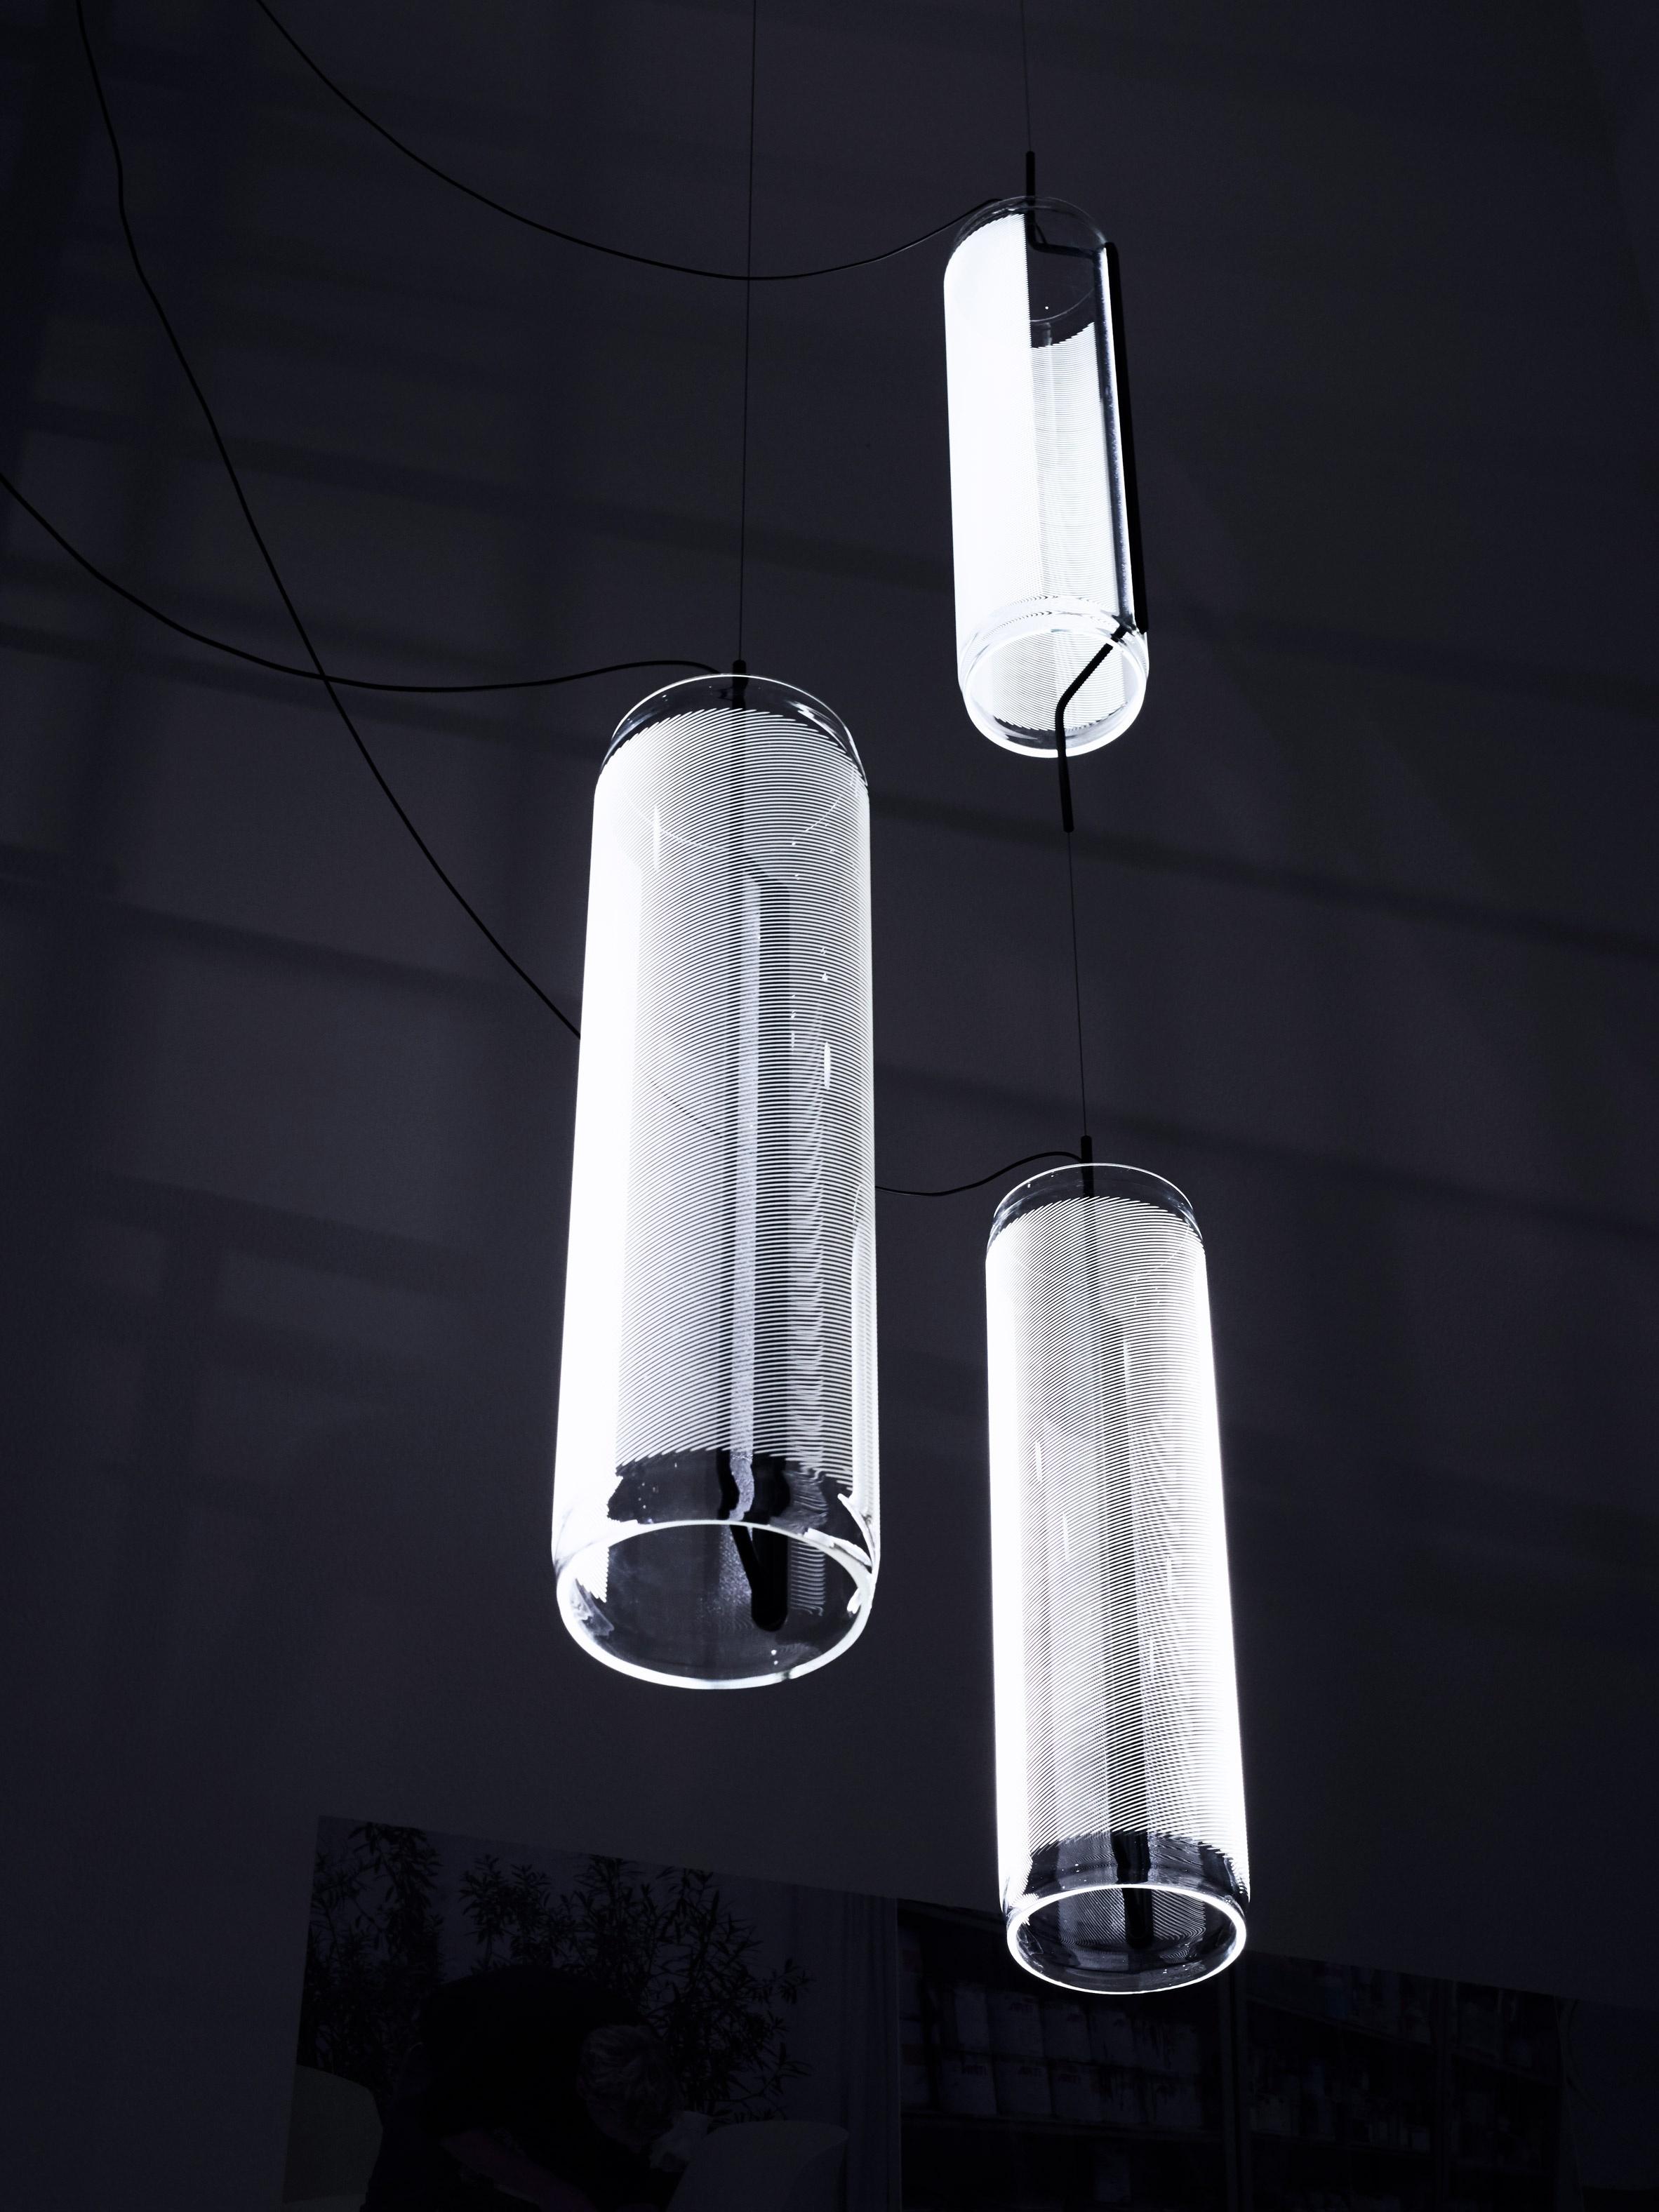 guise-stefan-diez-design-lighting-lamps_dezeen_2364_col_7